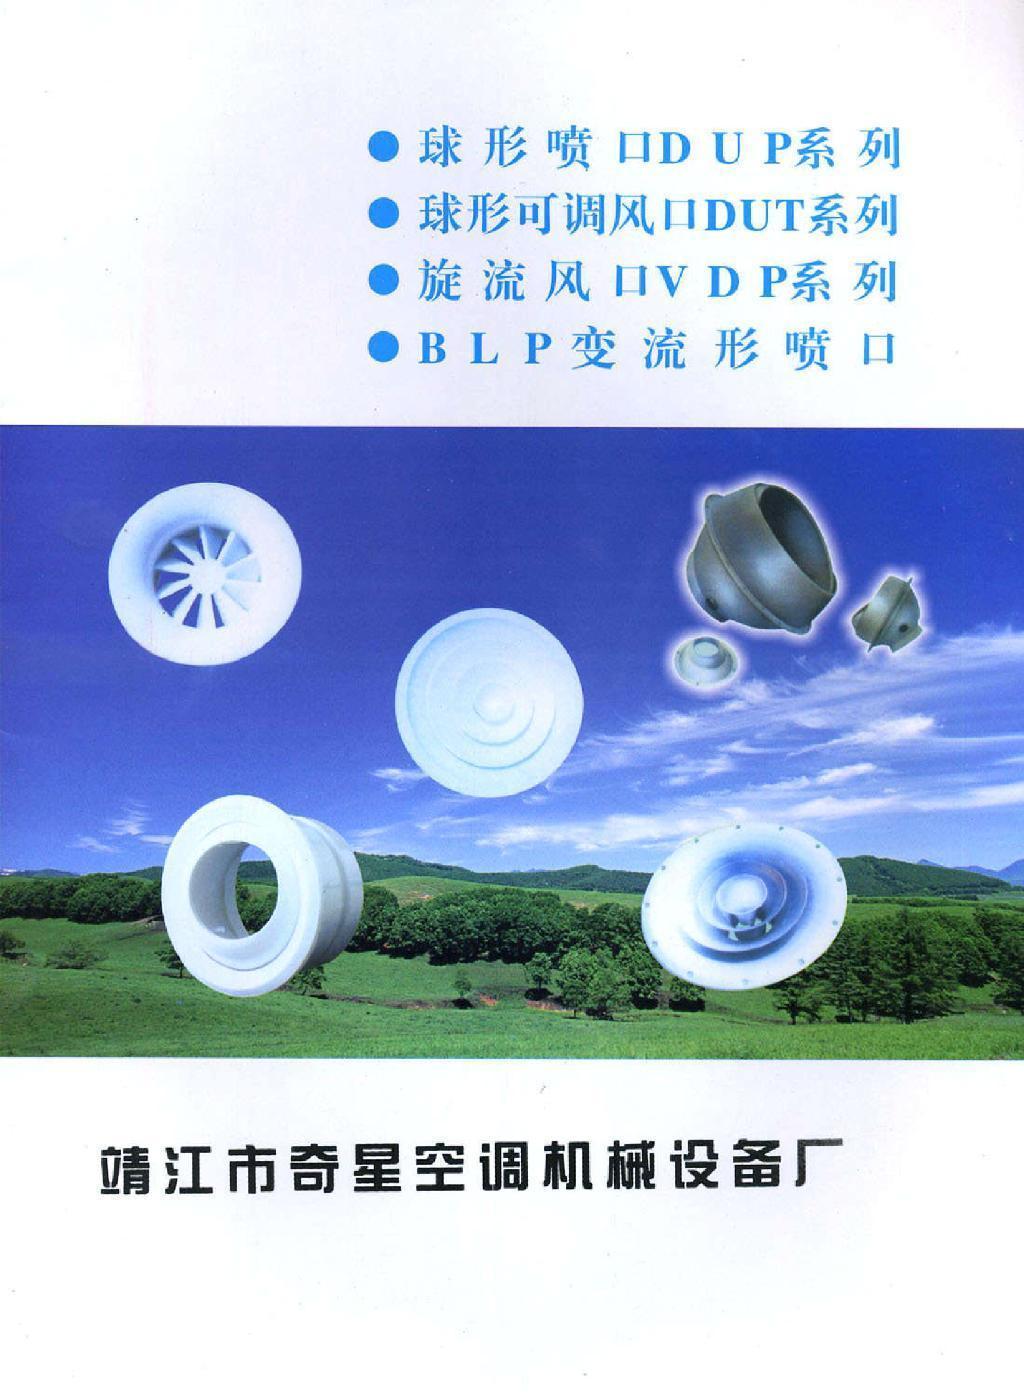 球形喷口/环形可调风口/选流风口/BLP变流形喷口